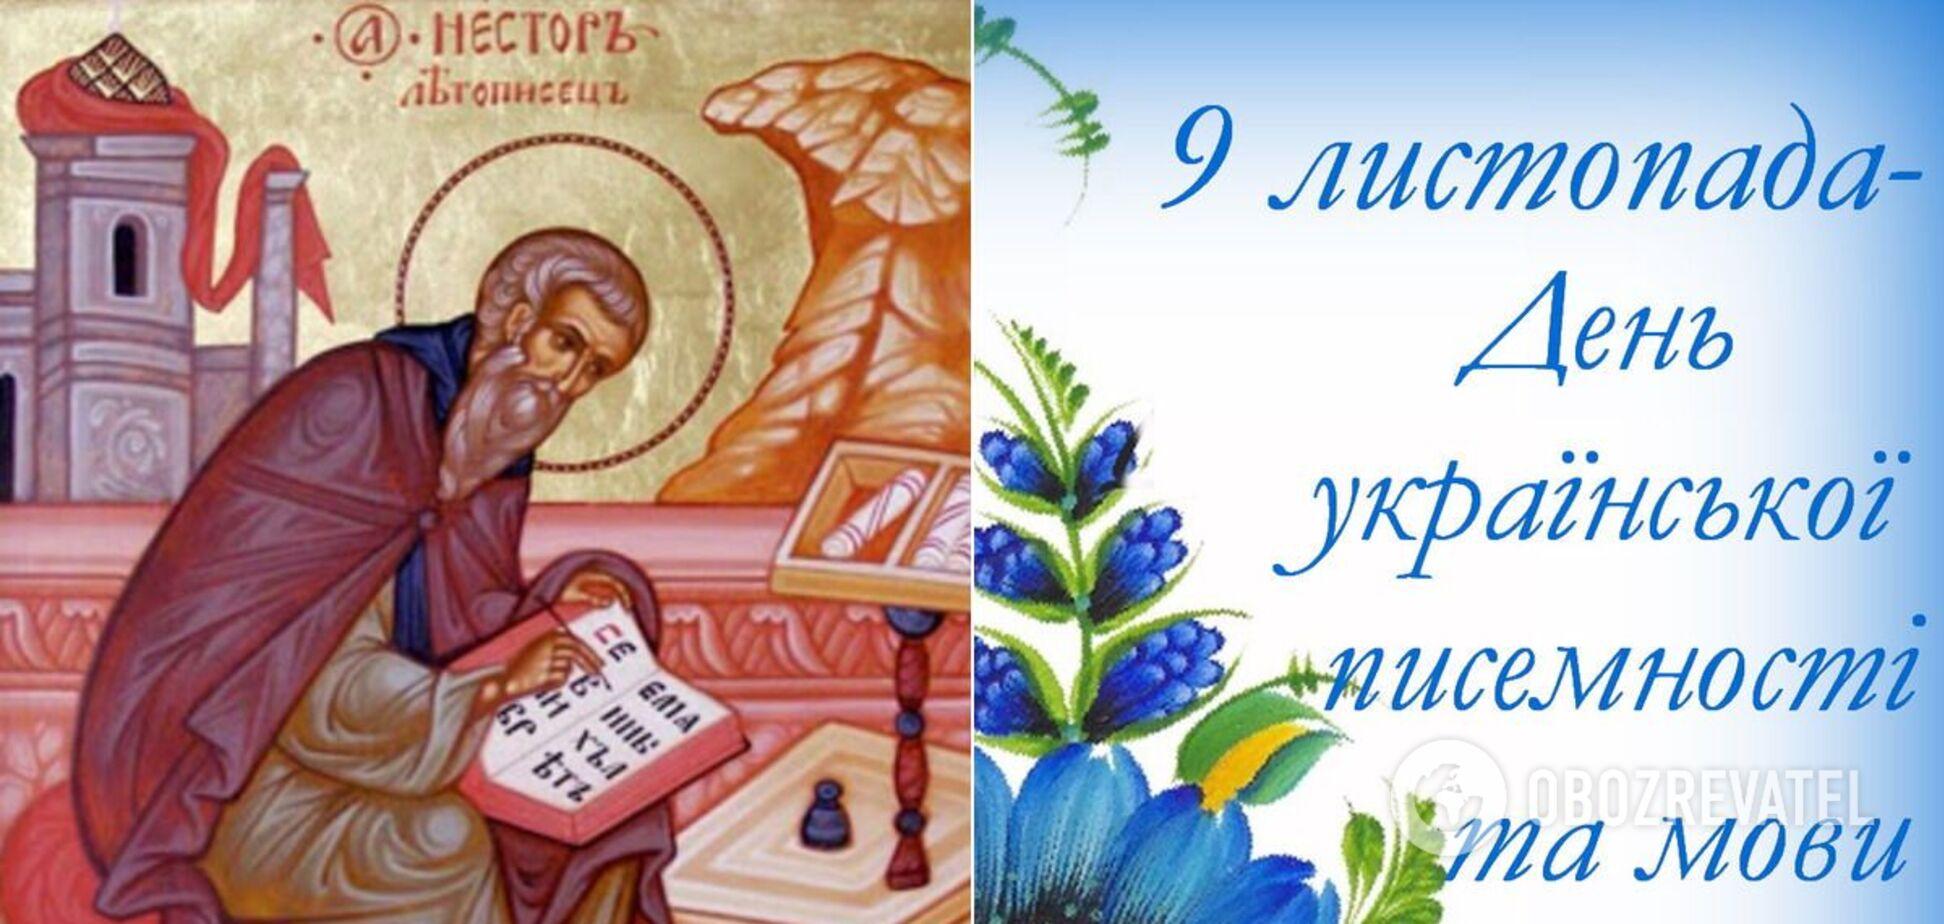 День украинской письменности и языка отмечается в день памяти преподобного Нестора Летописца